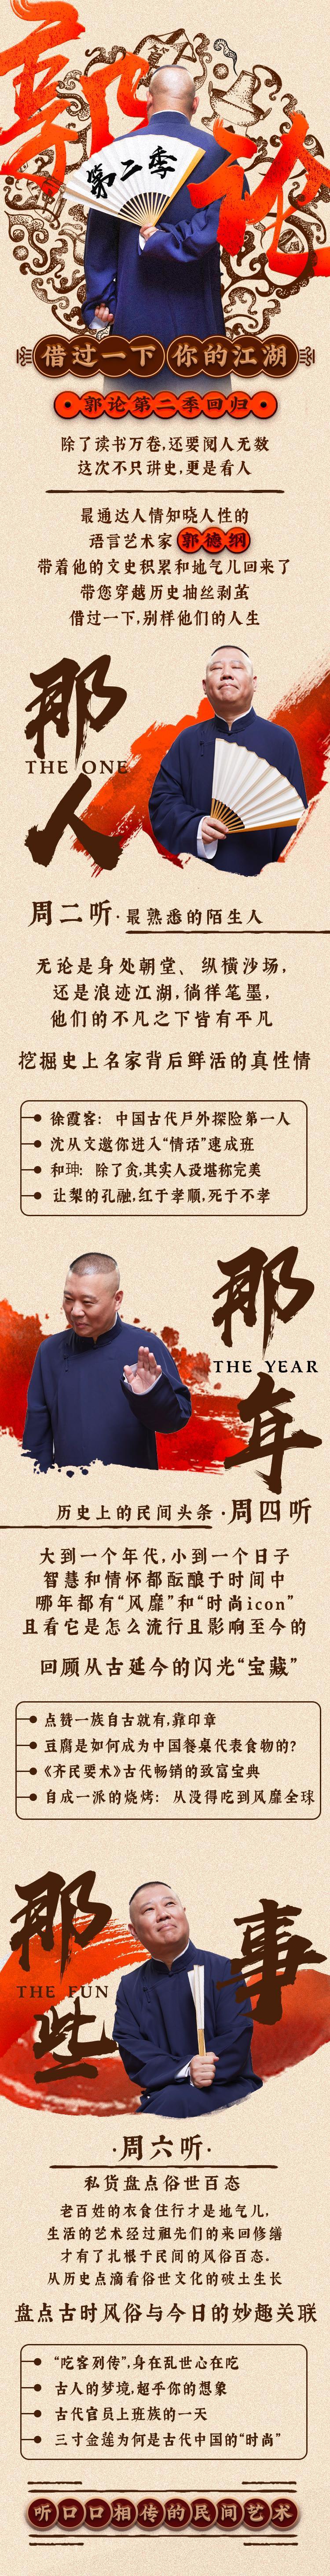 喜马拉雅VIP资源:郭论·郭德纲品俗文化史 第二季 音频下载